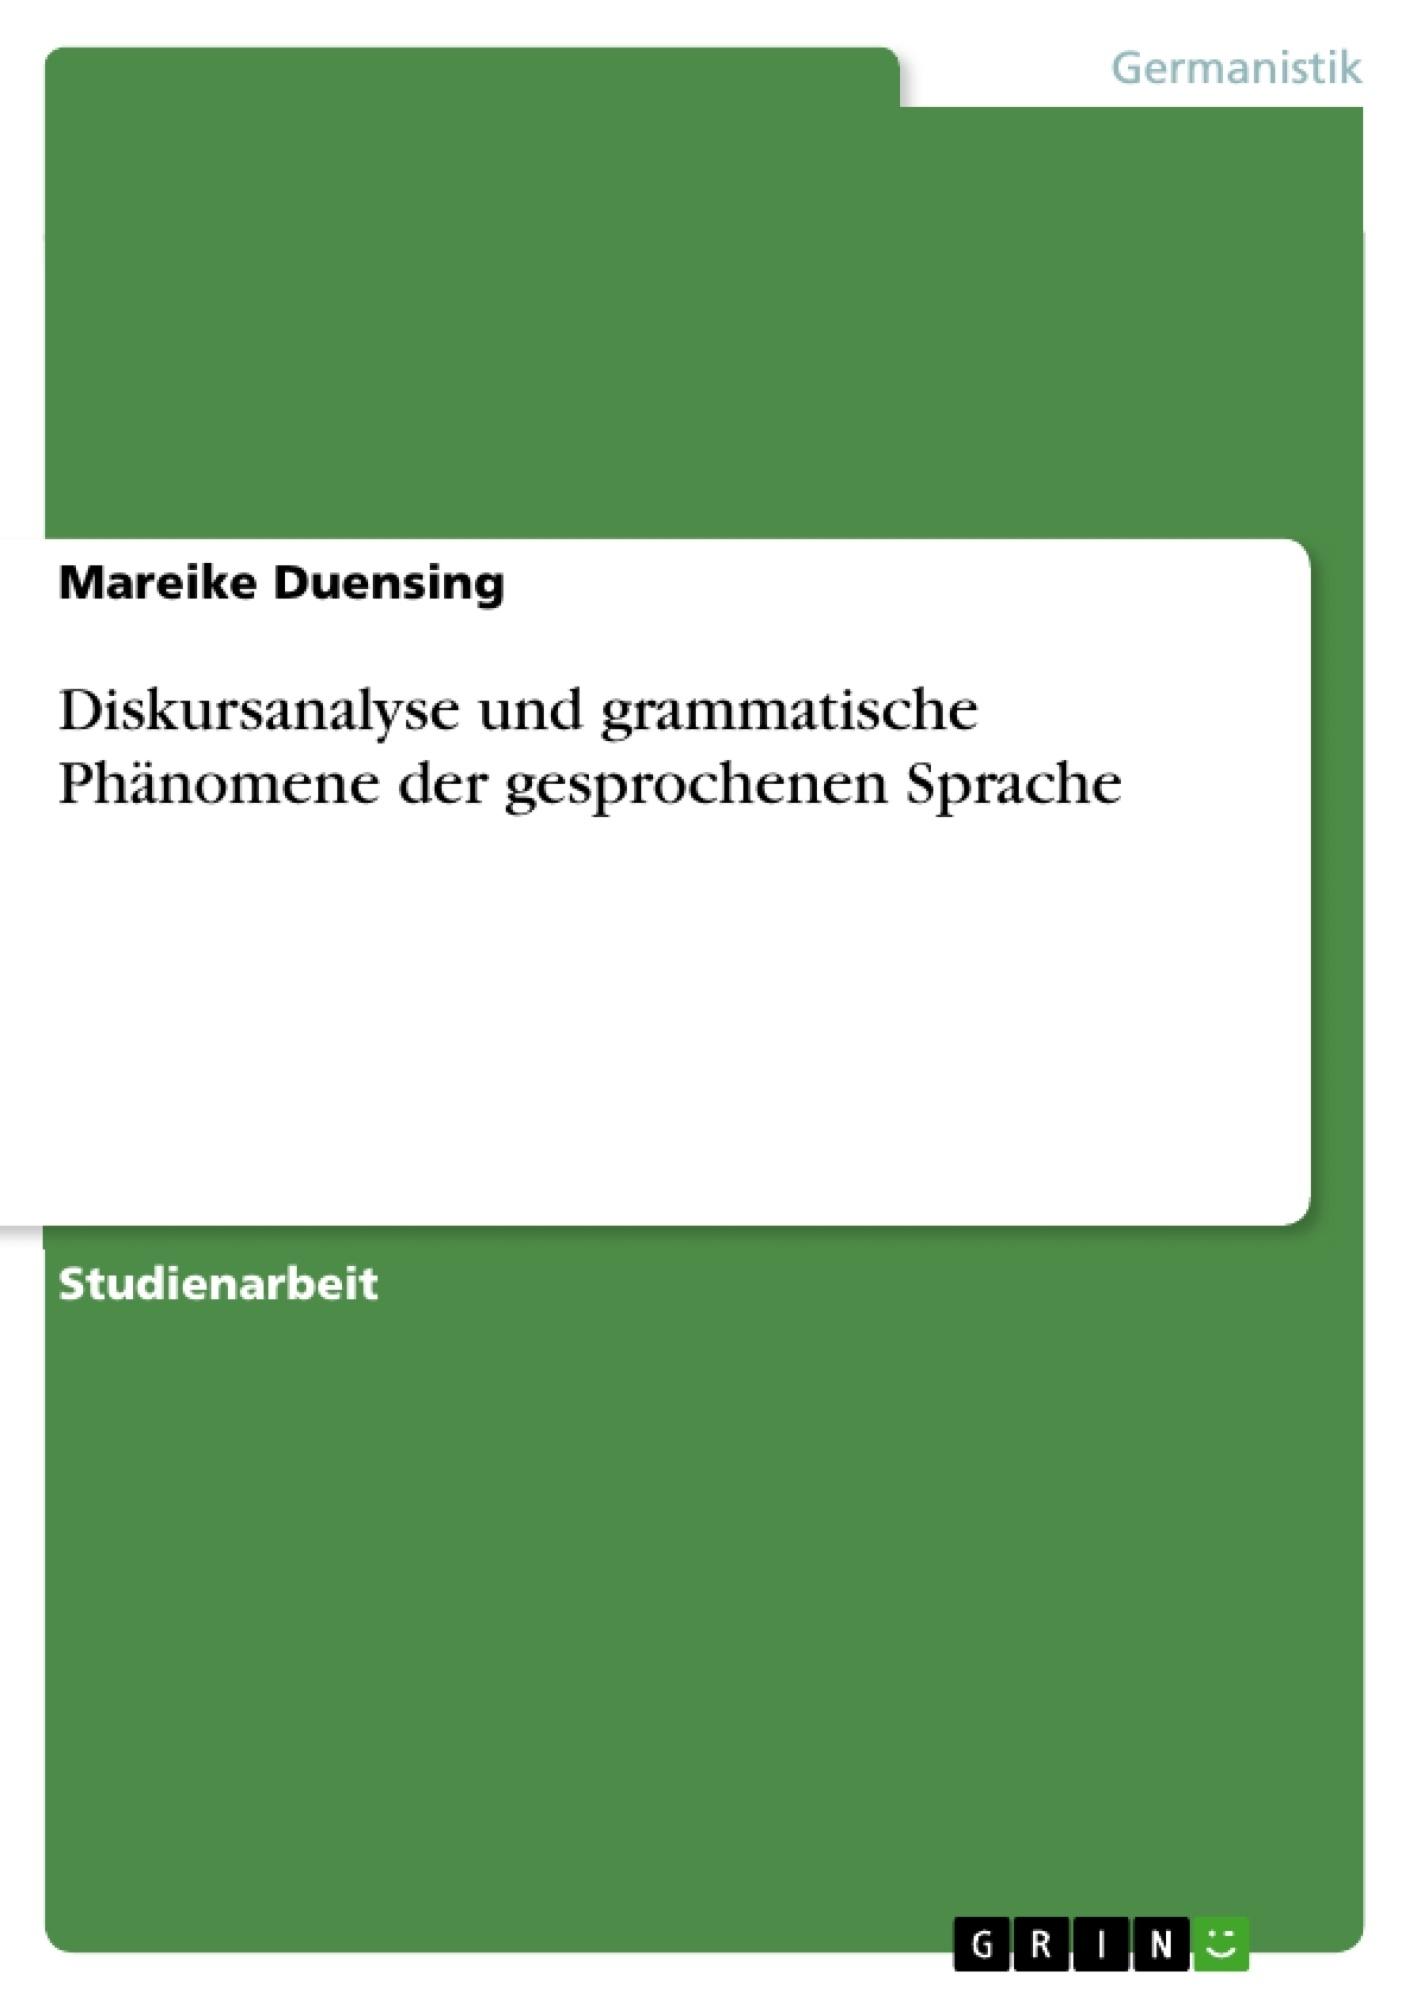 Titel: Diskursanalyse und grammatische Phänomene der gesprochenen Sprache